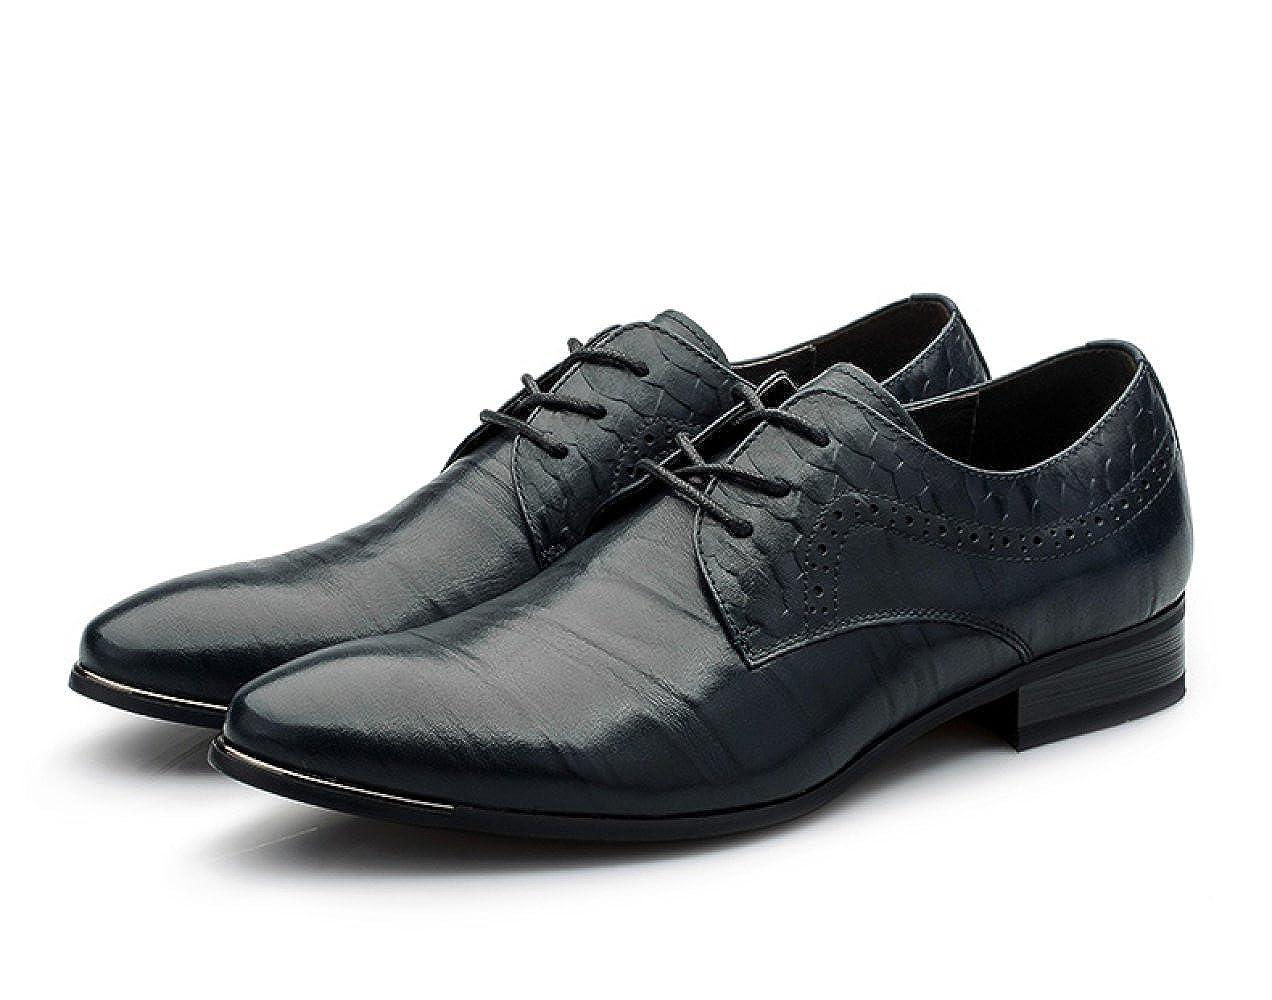 GTYMFH Schnürschuhe England Business Schuhe Herrenschuhe Atmungsaktiv Leder Schuhe